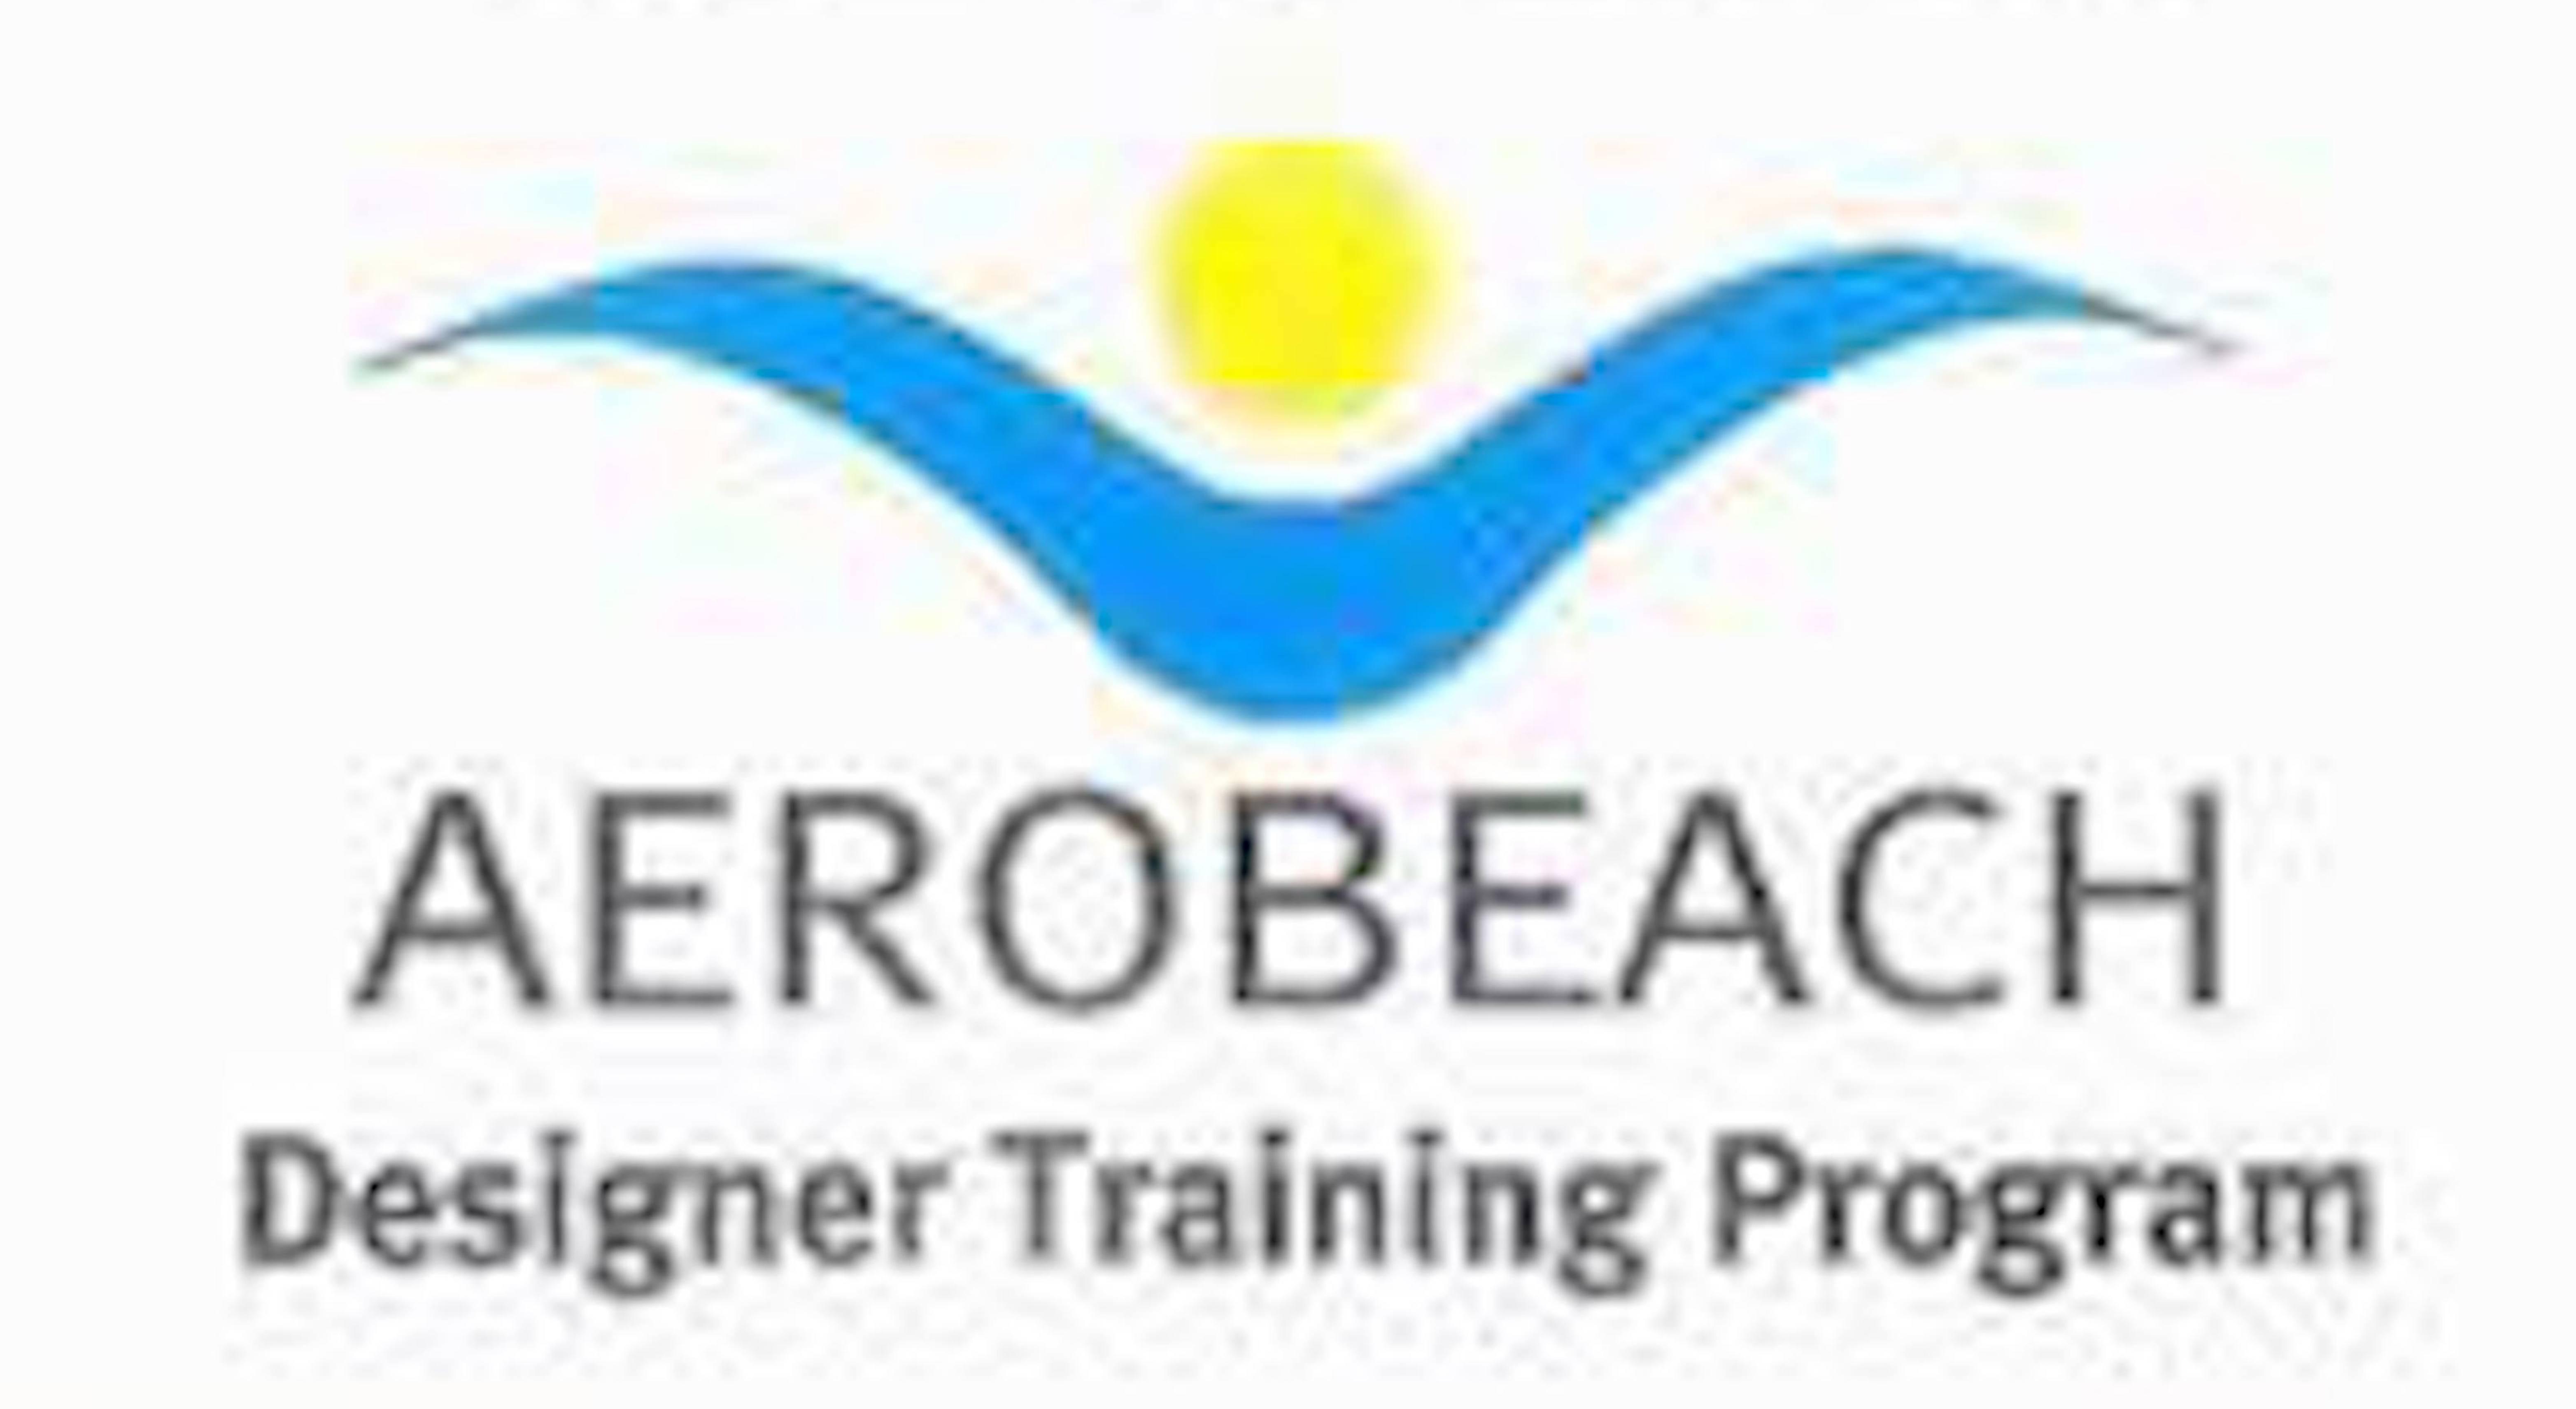 AEROBEACH